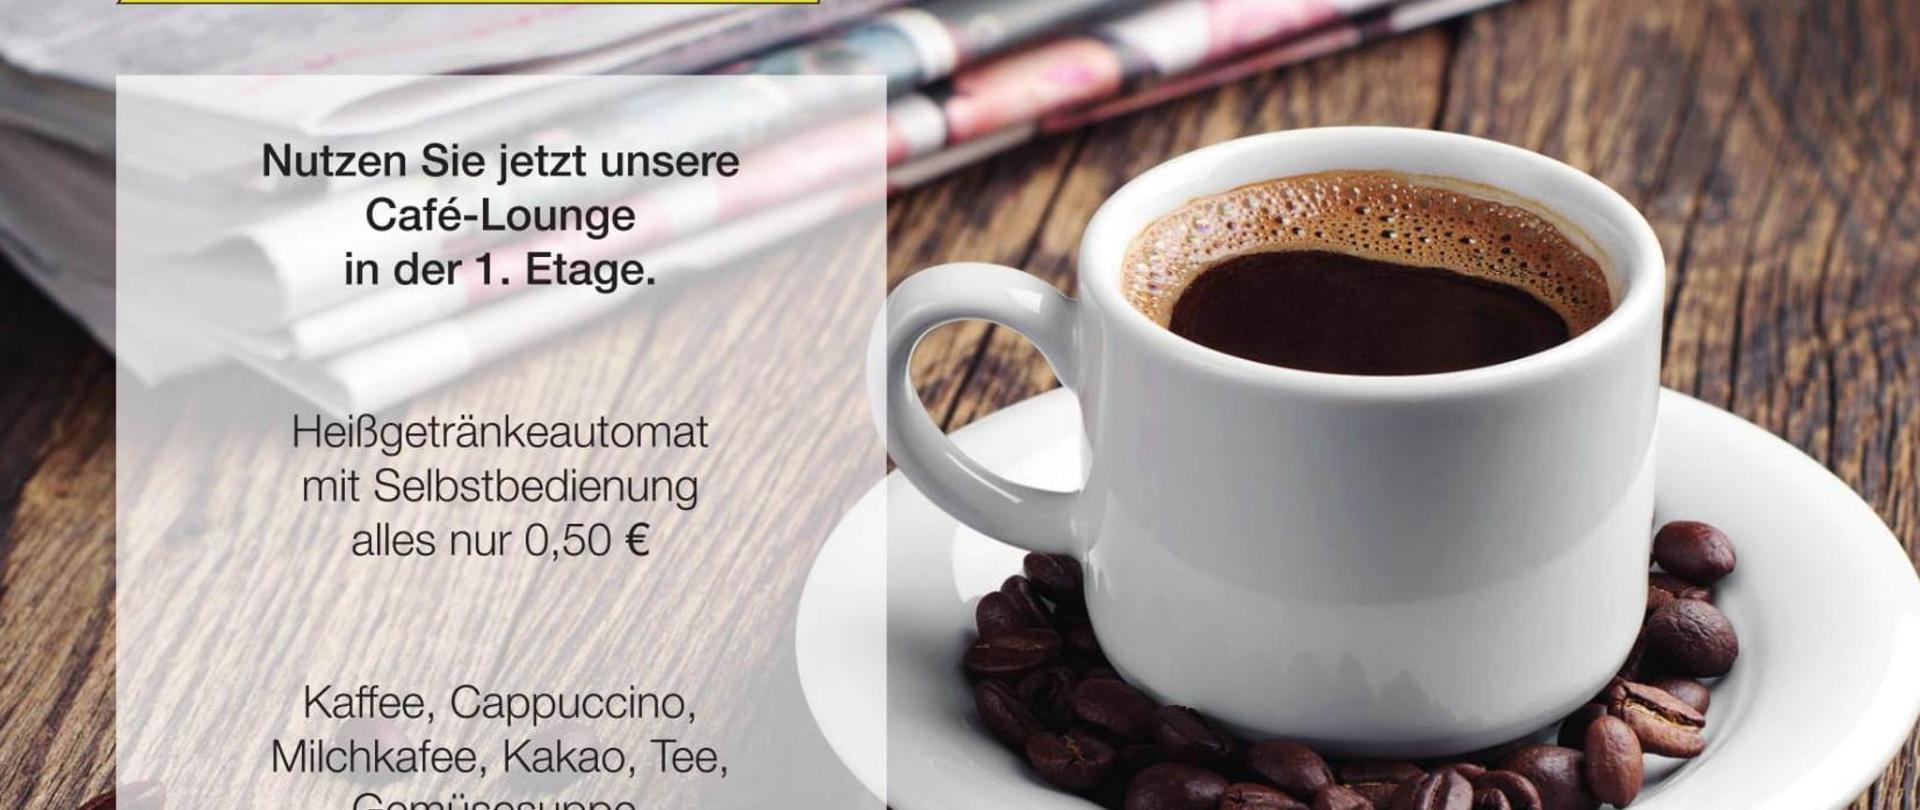 Caf+®-Lounge_HaarenerHof_lay01_P-1.jpg